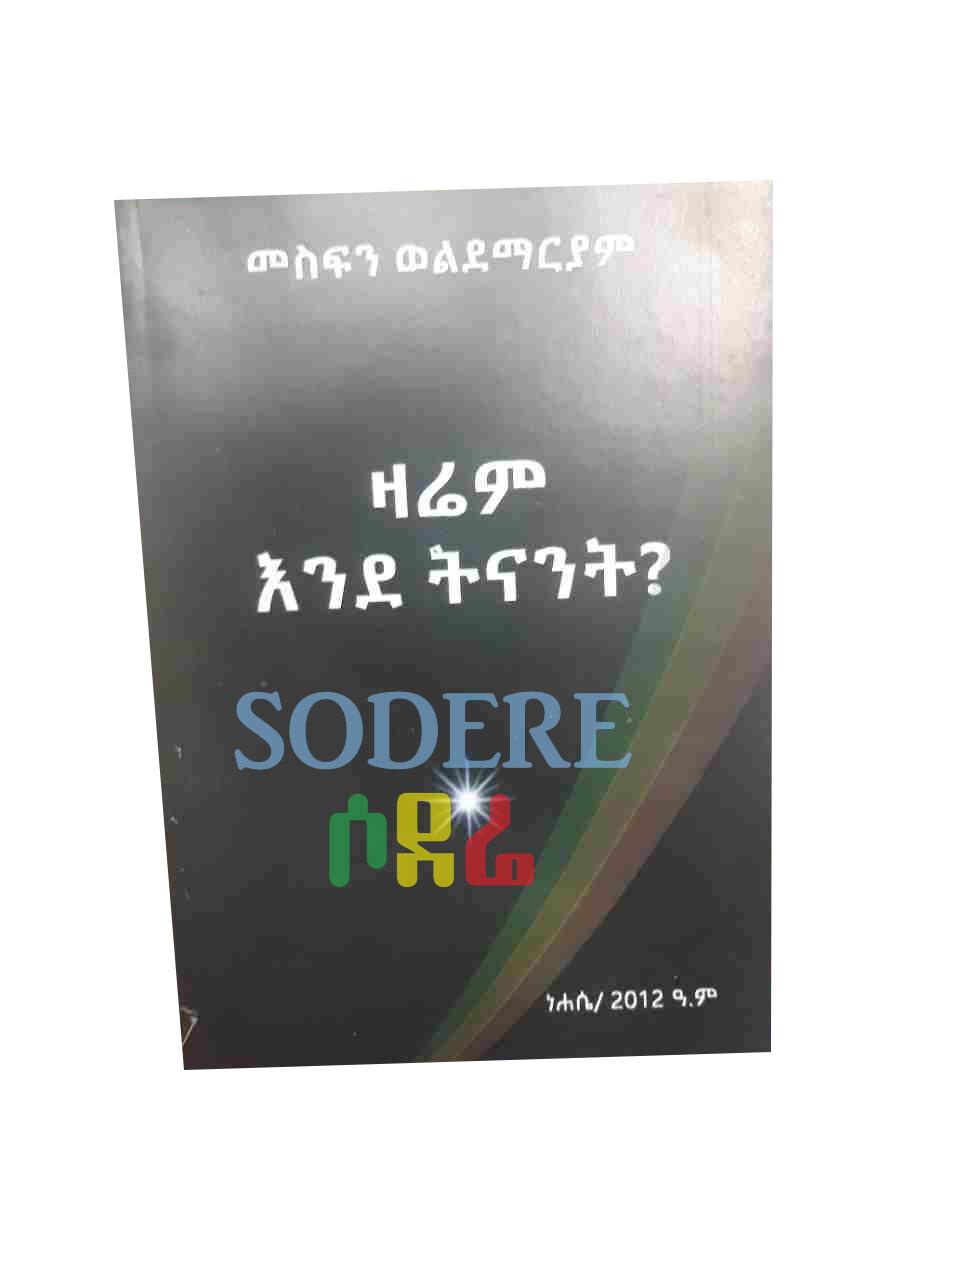 ዛሬም እንደ ትናንት Zariem Ende Telant By Mesfin Woldemariam